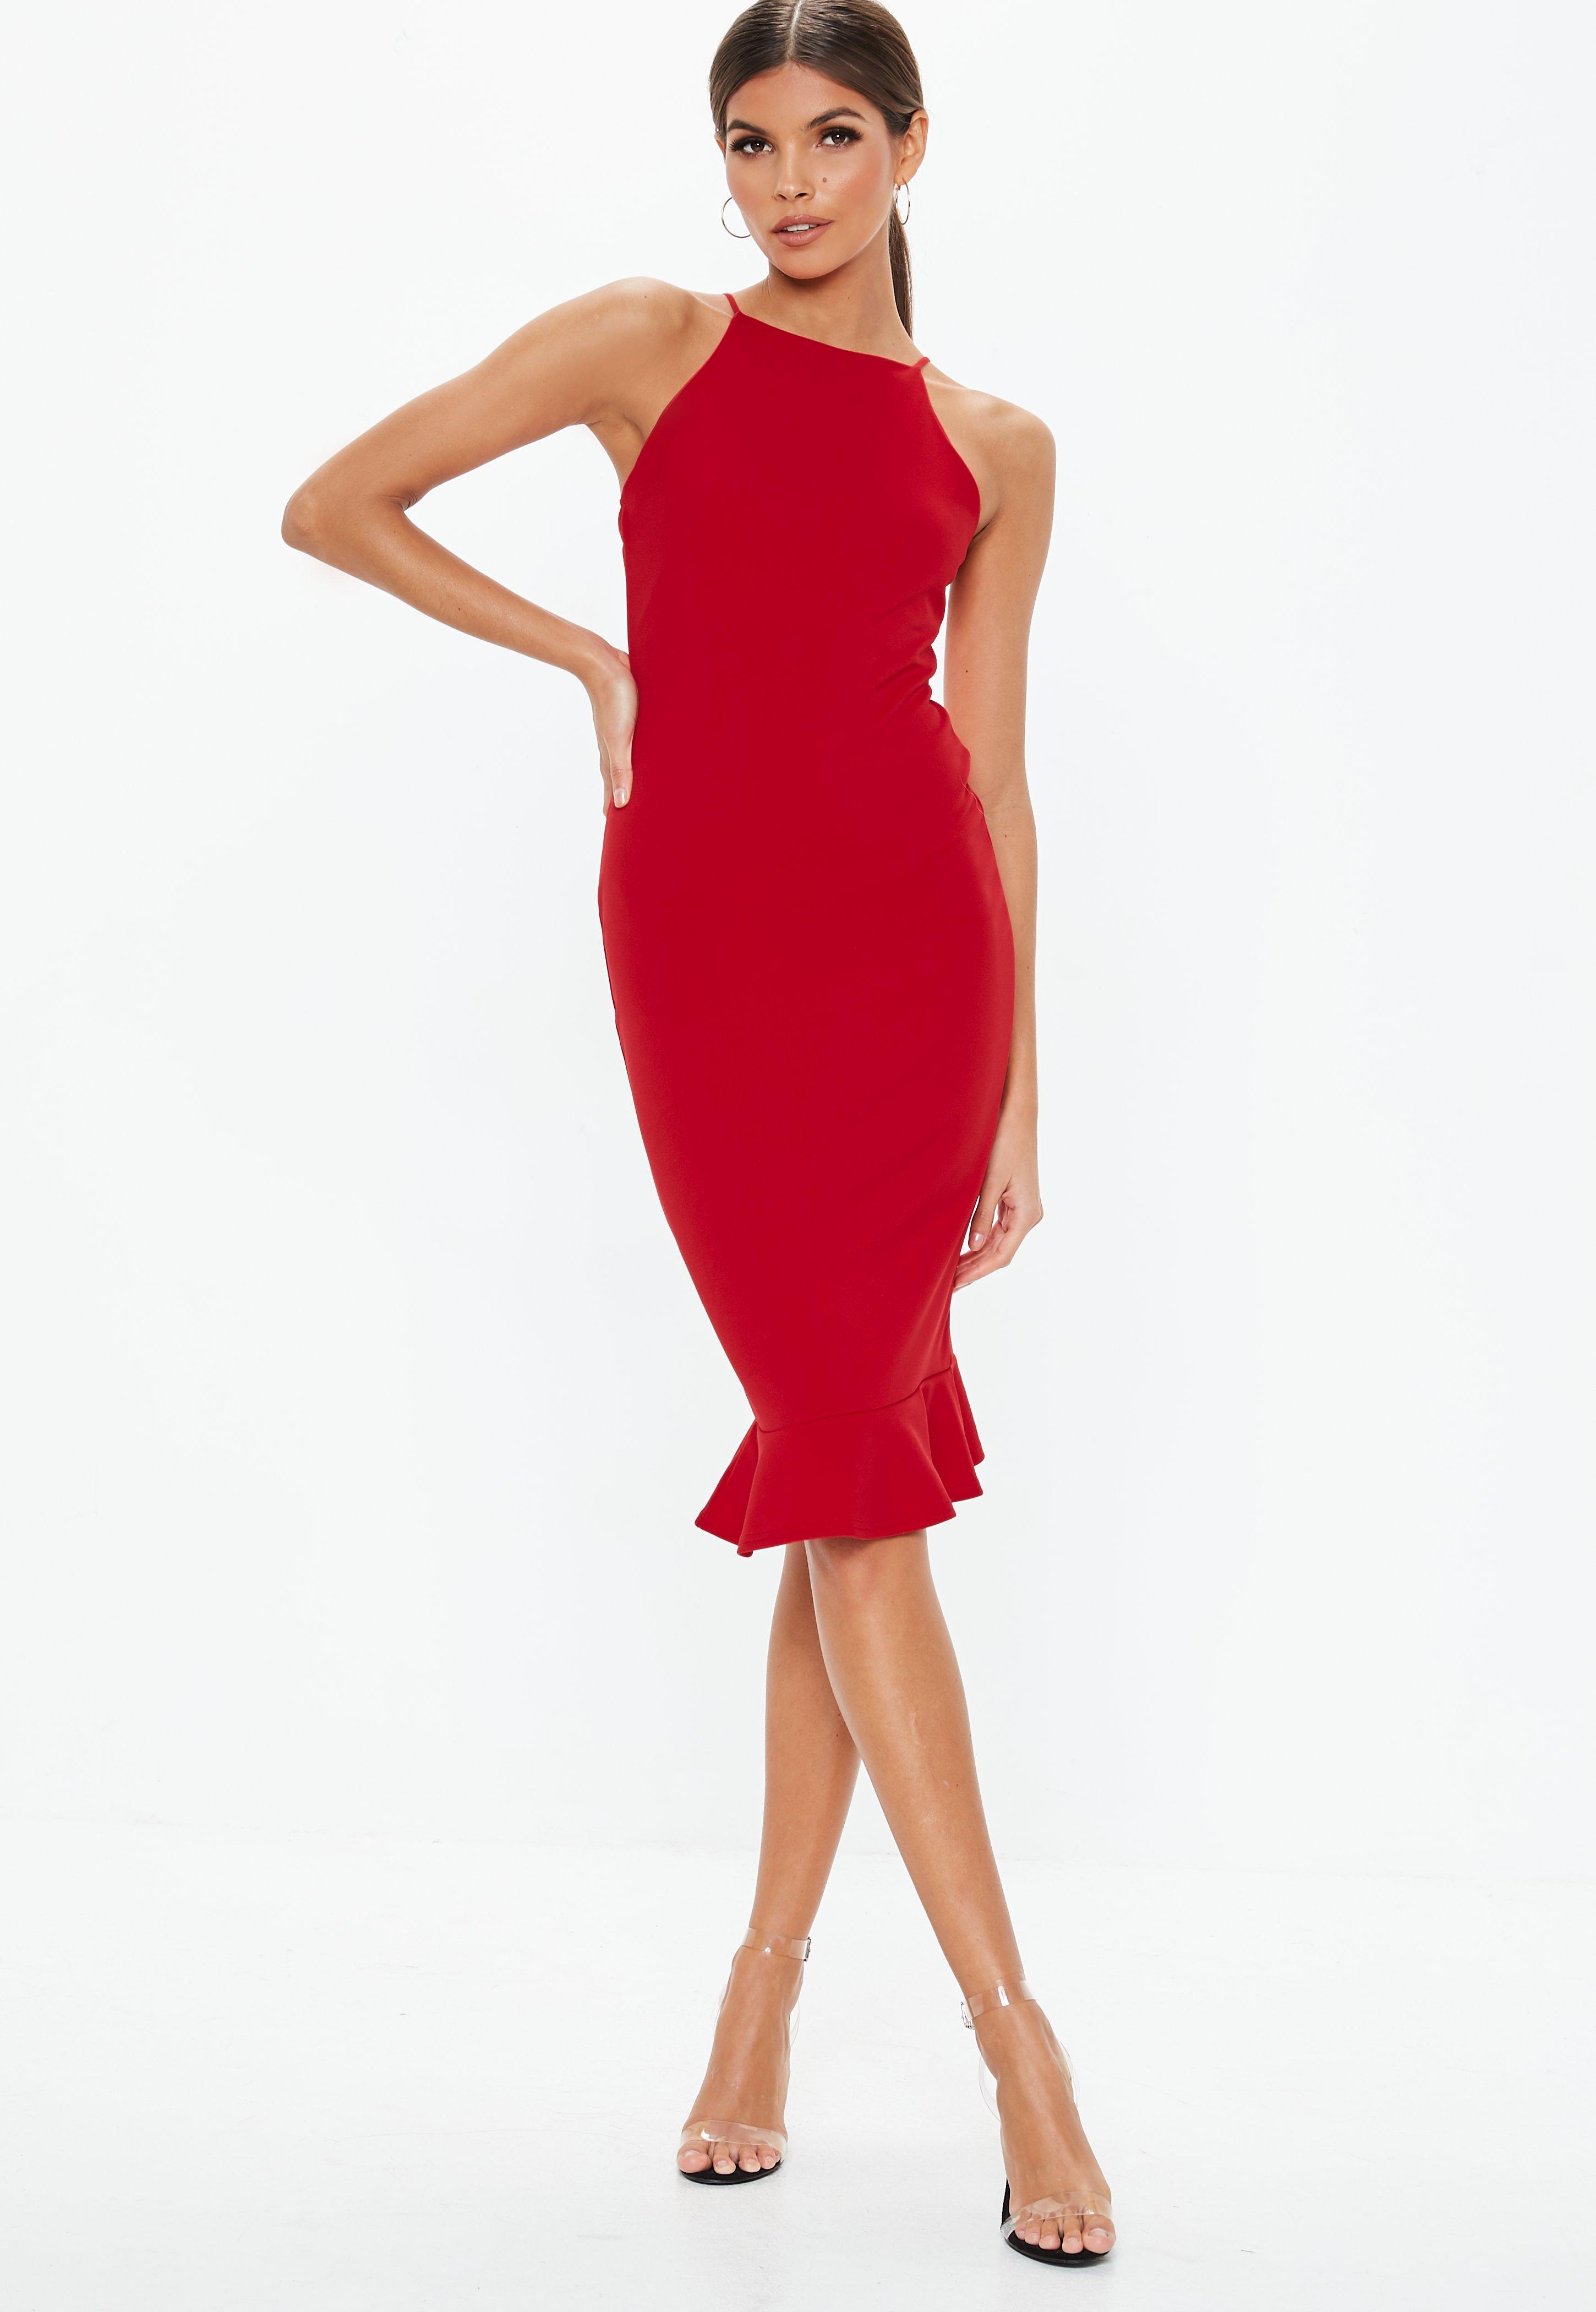 Außergewöhnlich Kleider, Kleidung & Outfits für besondere Anlässe - Missguided DE @QT_56